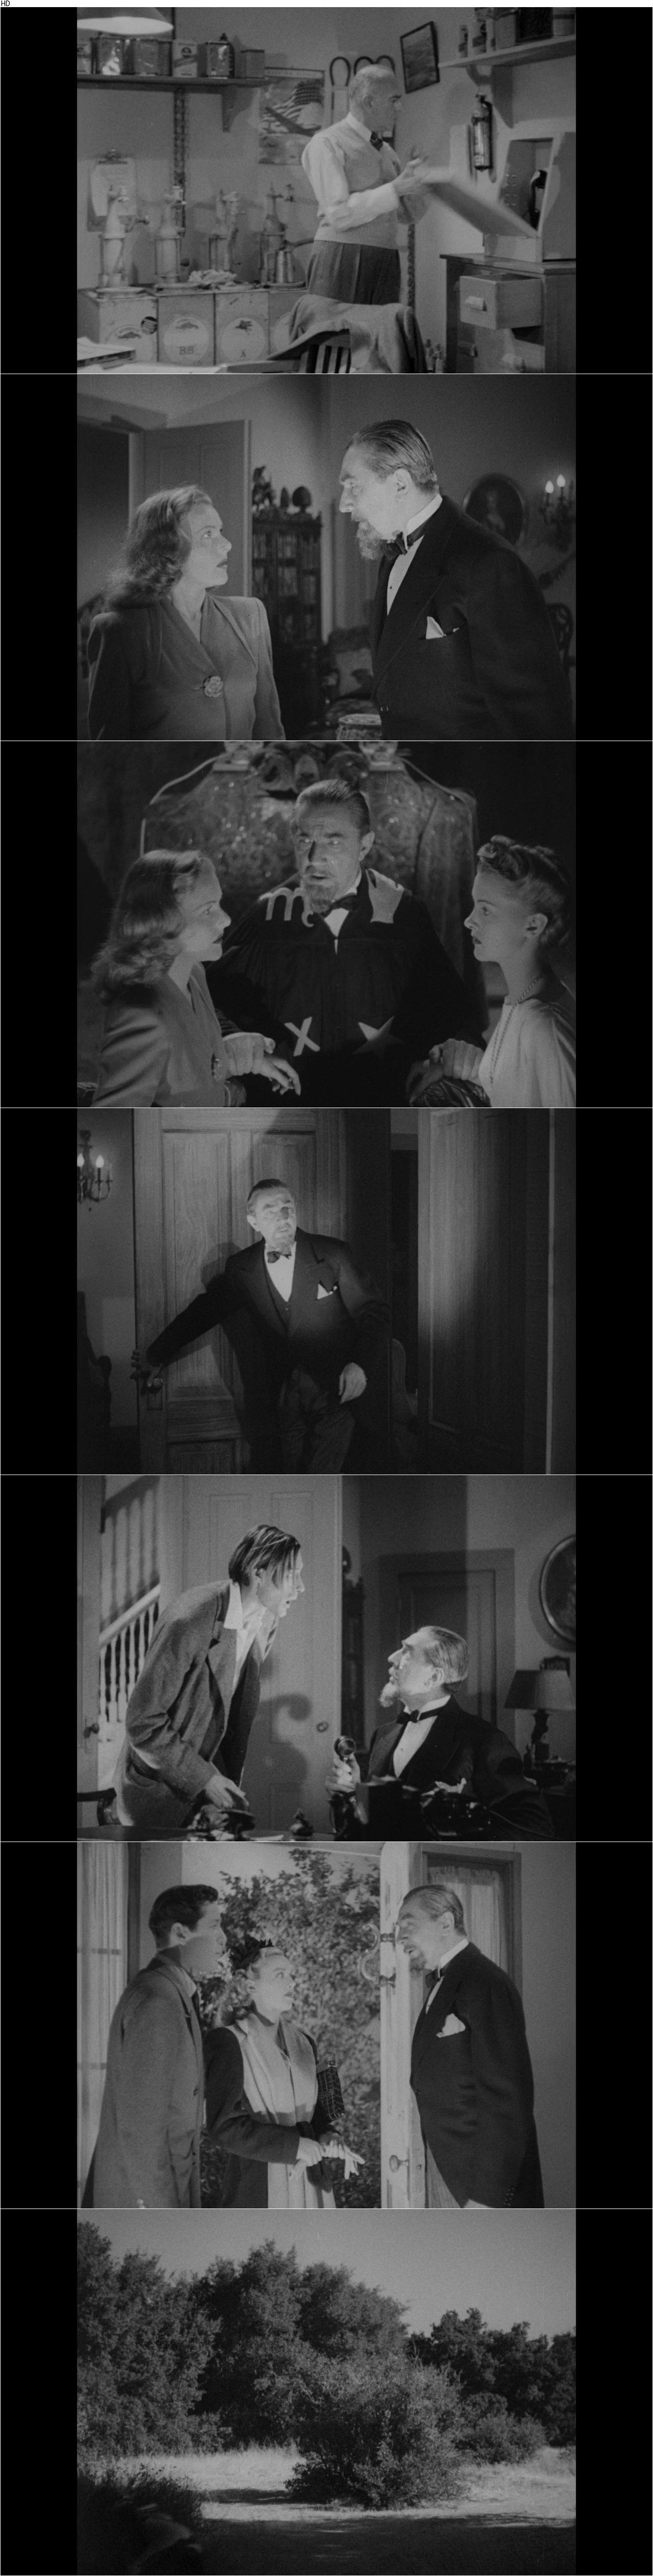 Voodoo Man (1944) / Full Vintage Movies